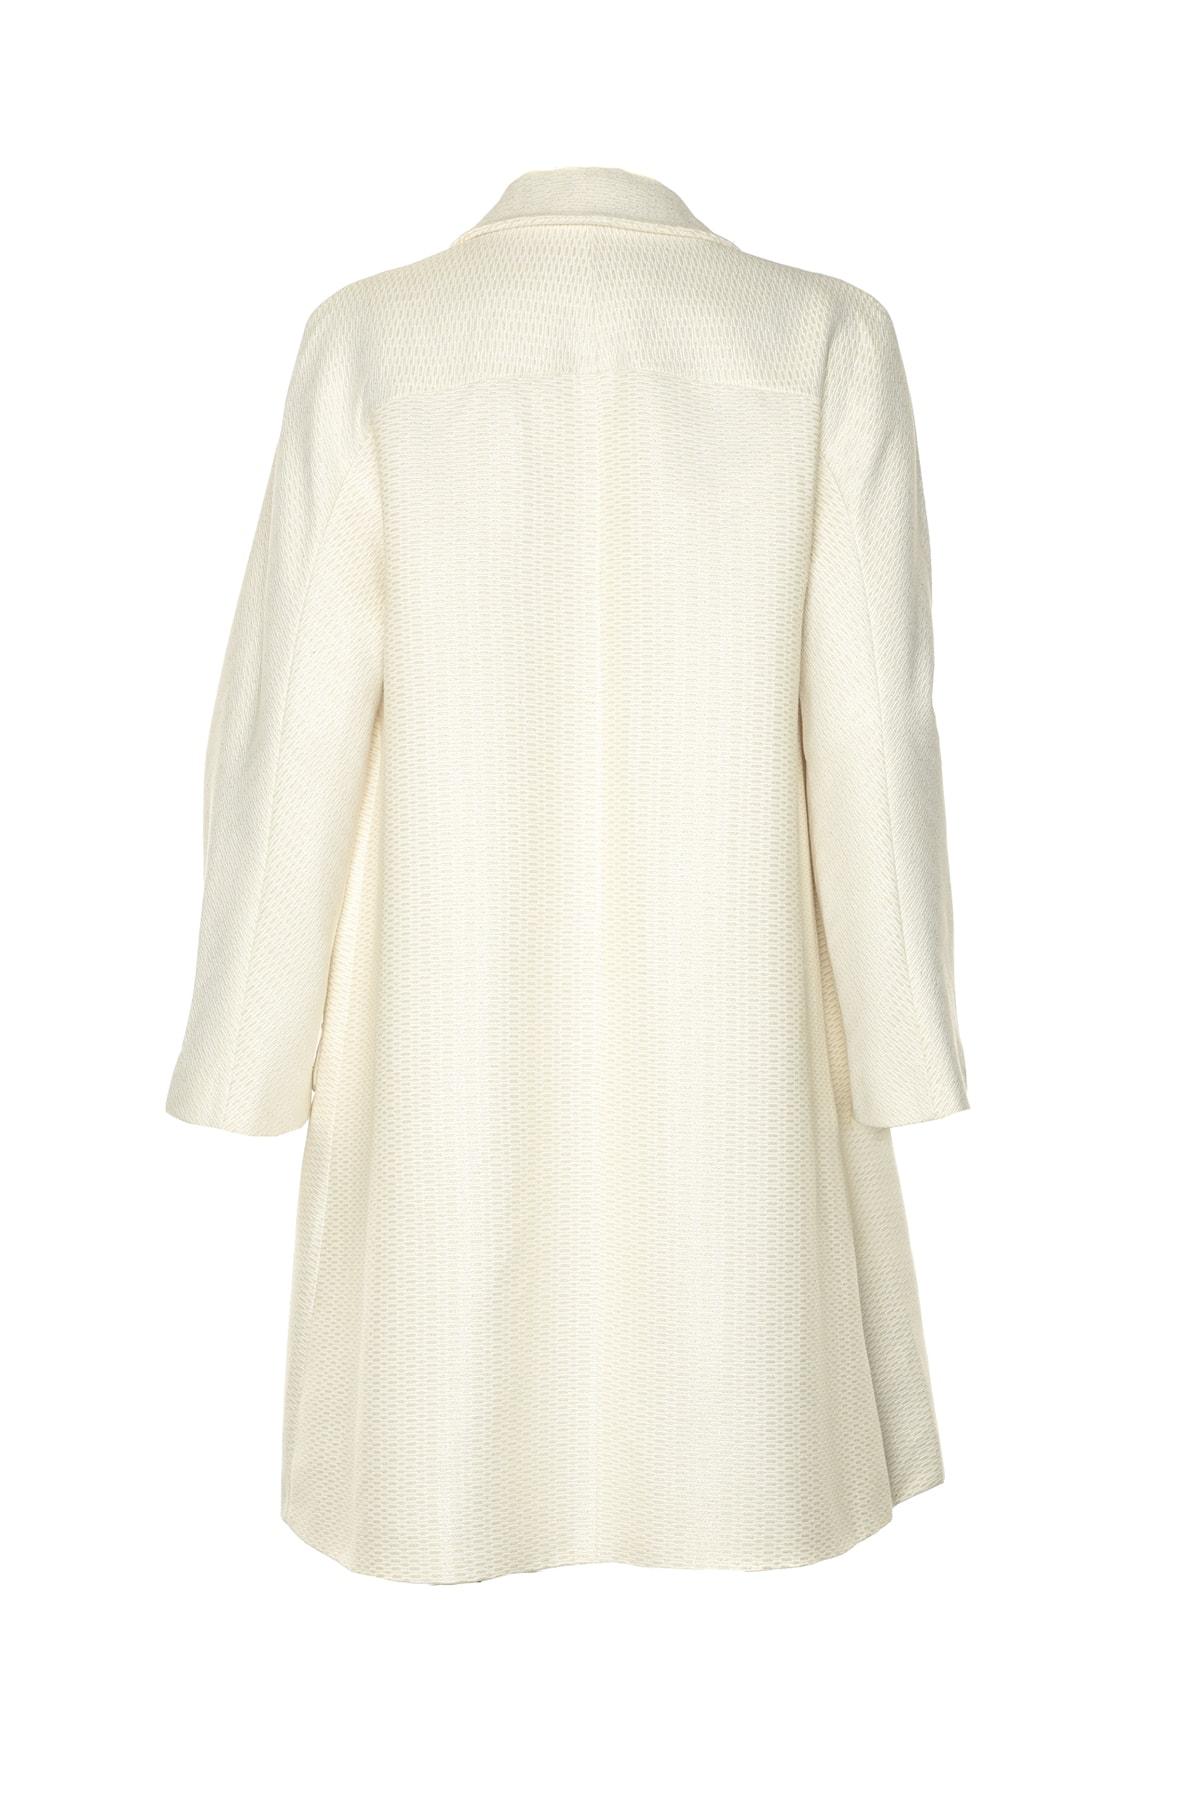 İpekyol Kadın Beyaz Pardesü IS1190011037 2